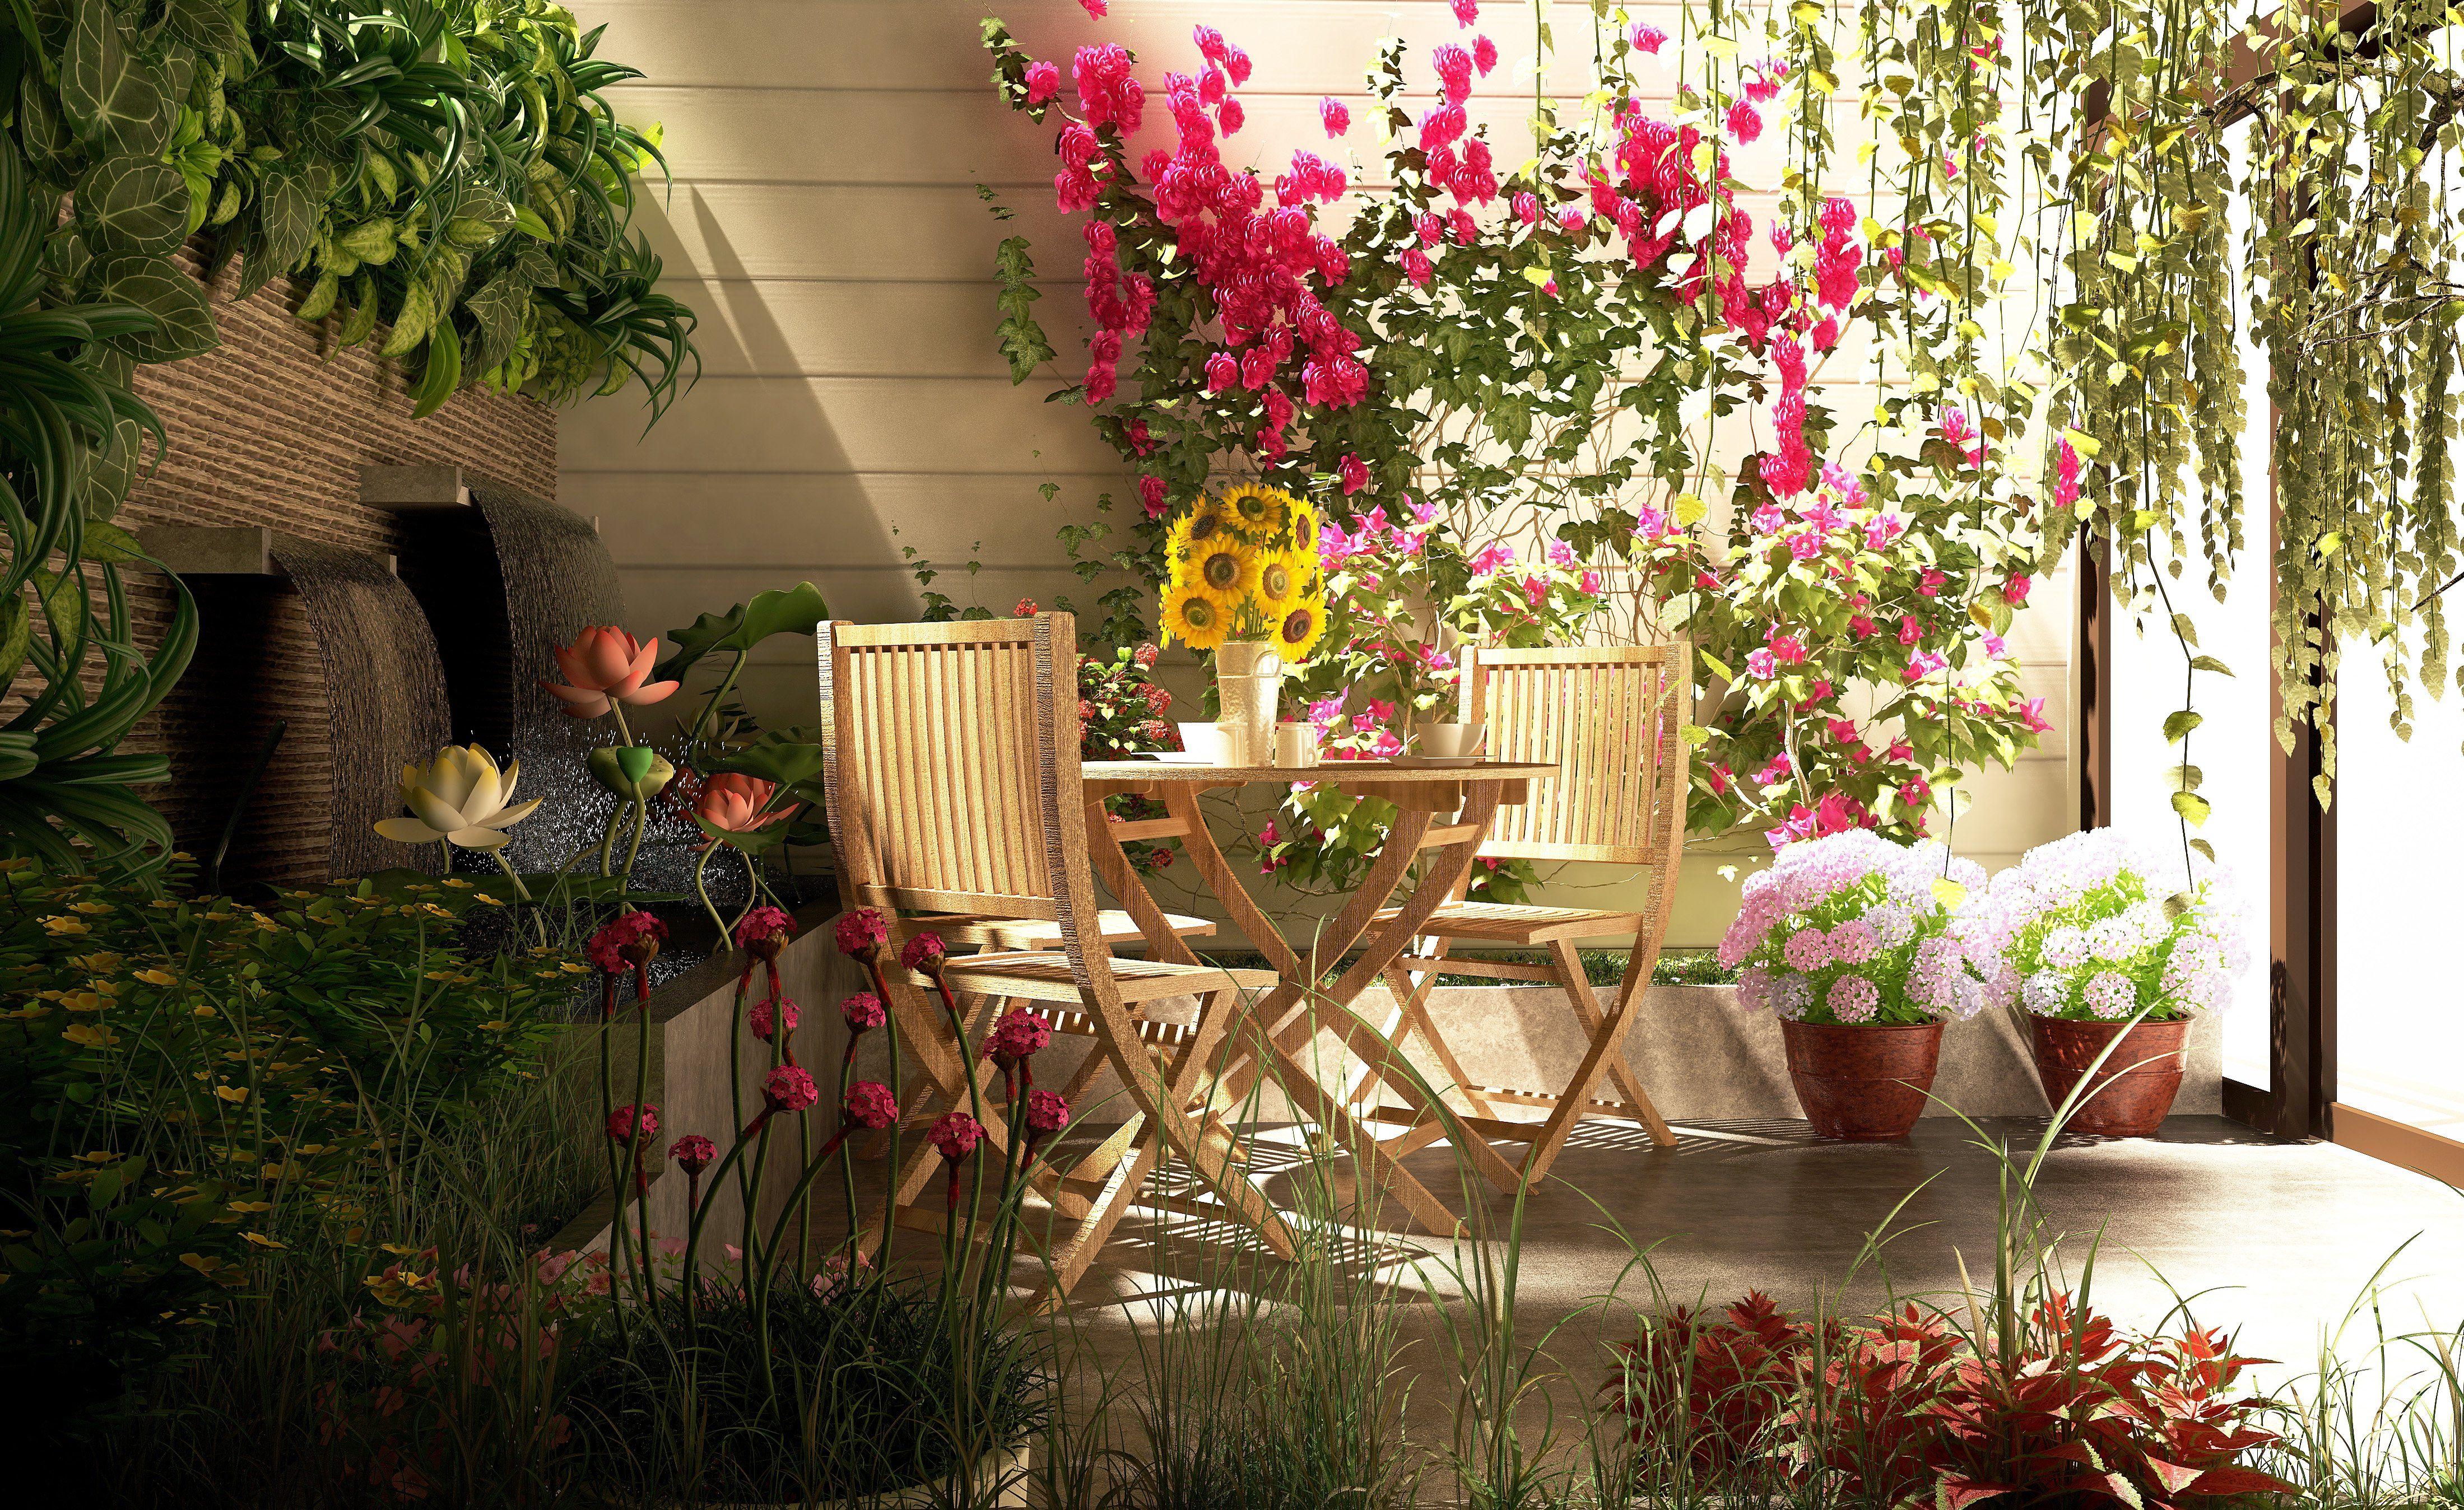 Balkonpflanzen: Tipps zu Auswahl, Standort und Ansprüchen – DAS HAUS